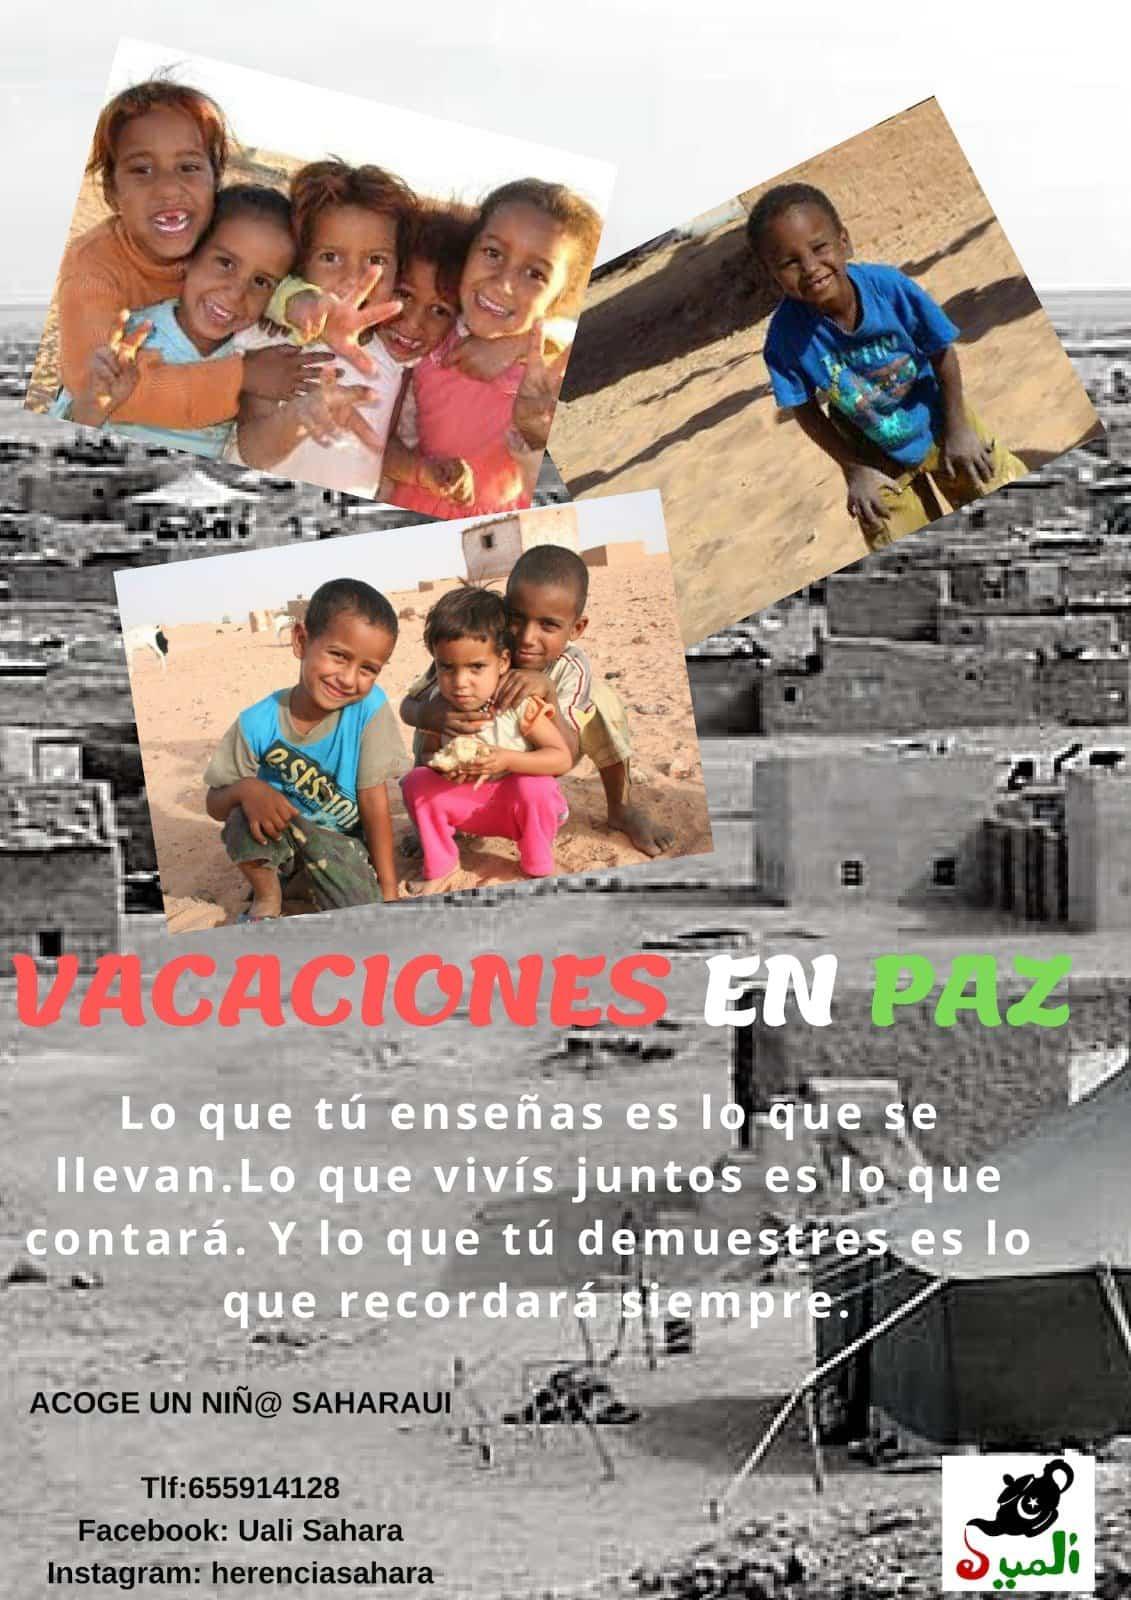 """Vacaciones en paz - La asociación """"El Uali"""" informa sobre el programa Vacaciones en Paz 2019"""